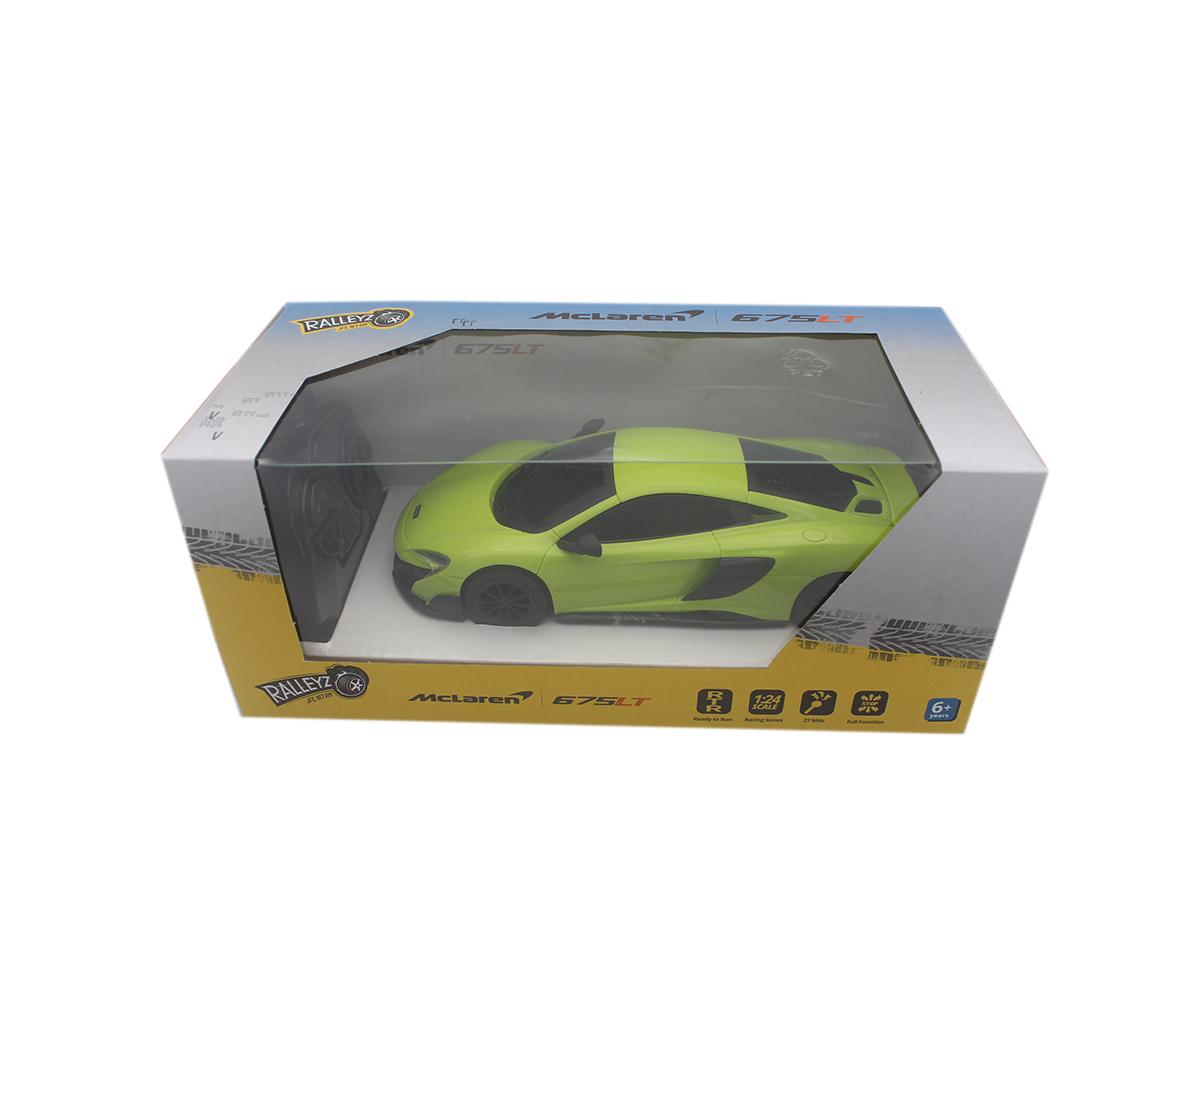 Ralleyz | Ralleyz 1:24 27Mhz Mclaren Remote Control Car Green, 6Y+